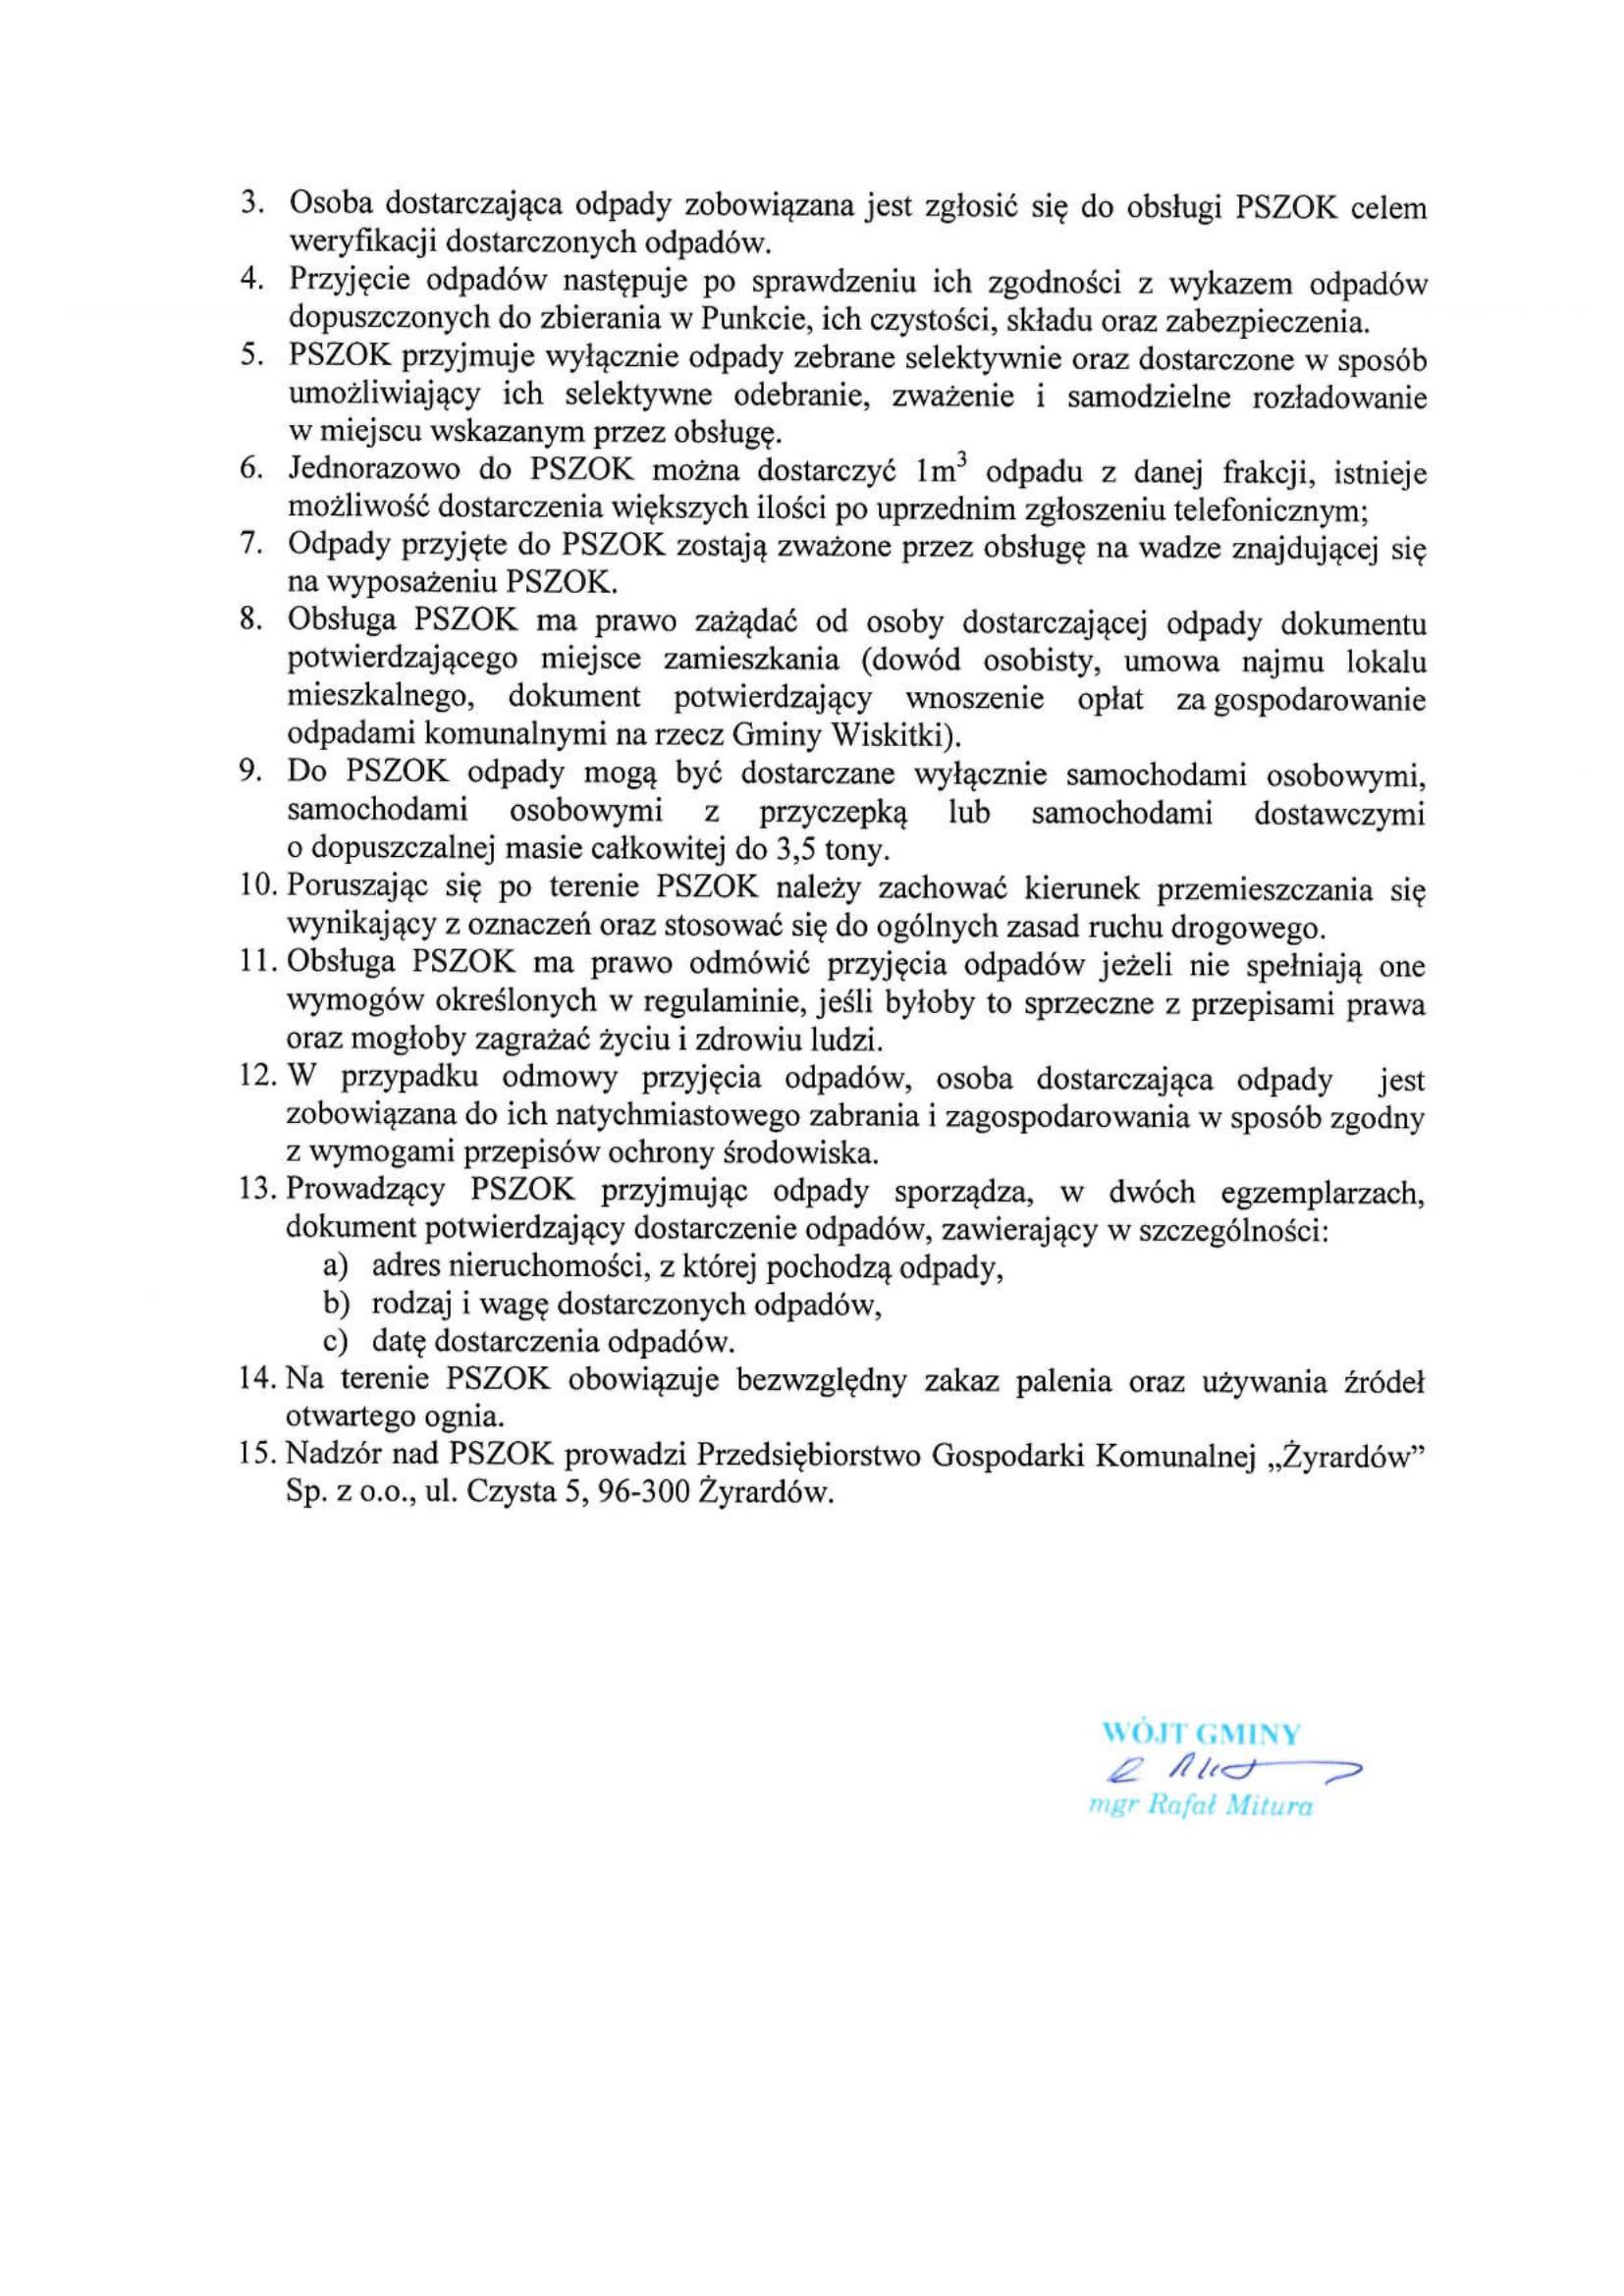 PSZOK-3